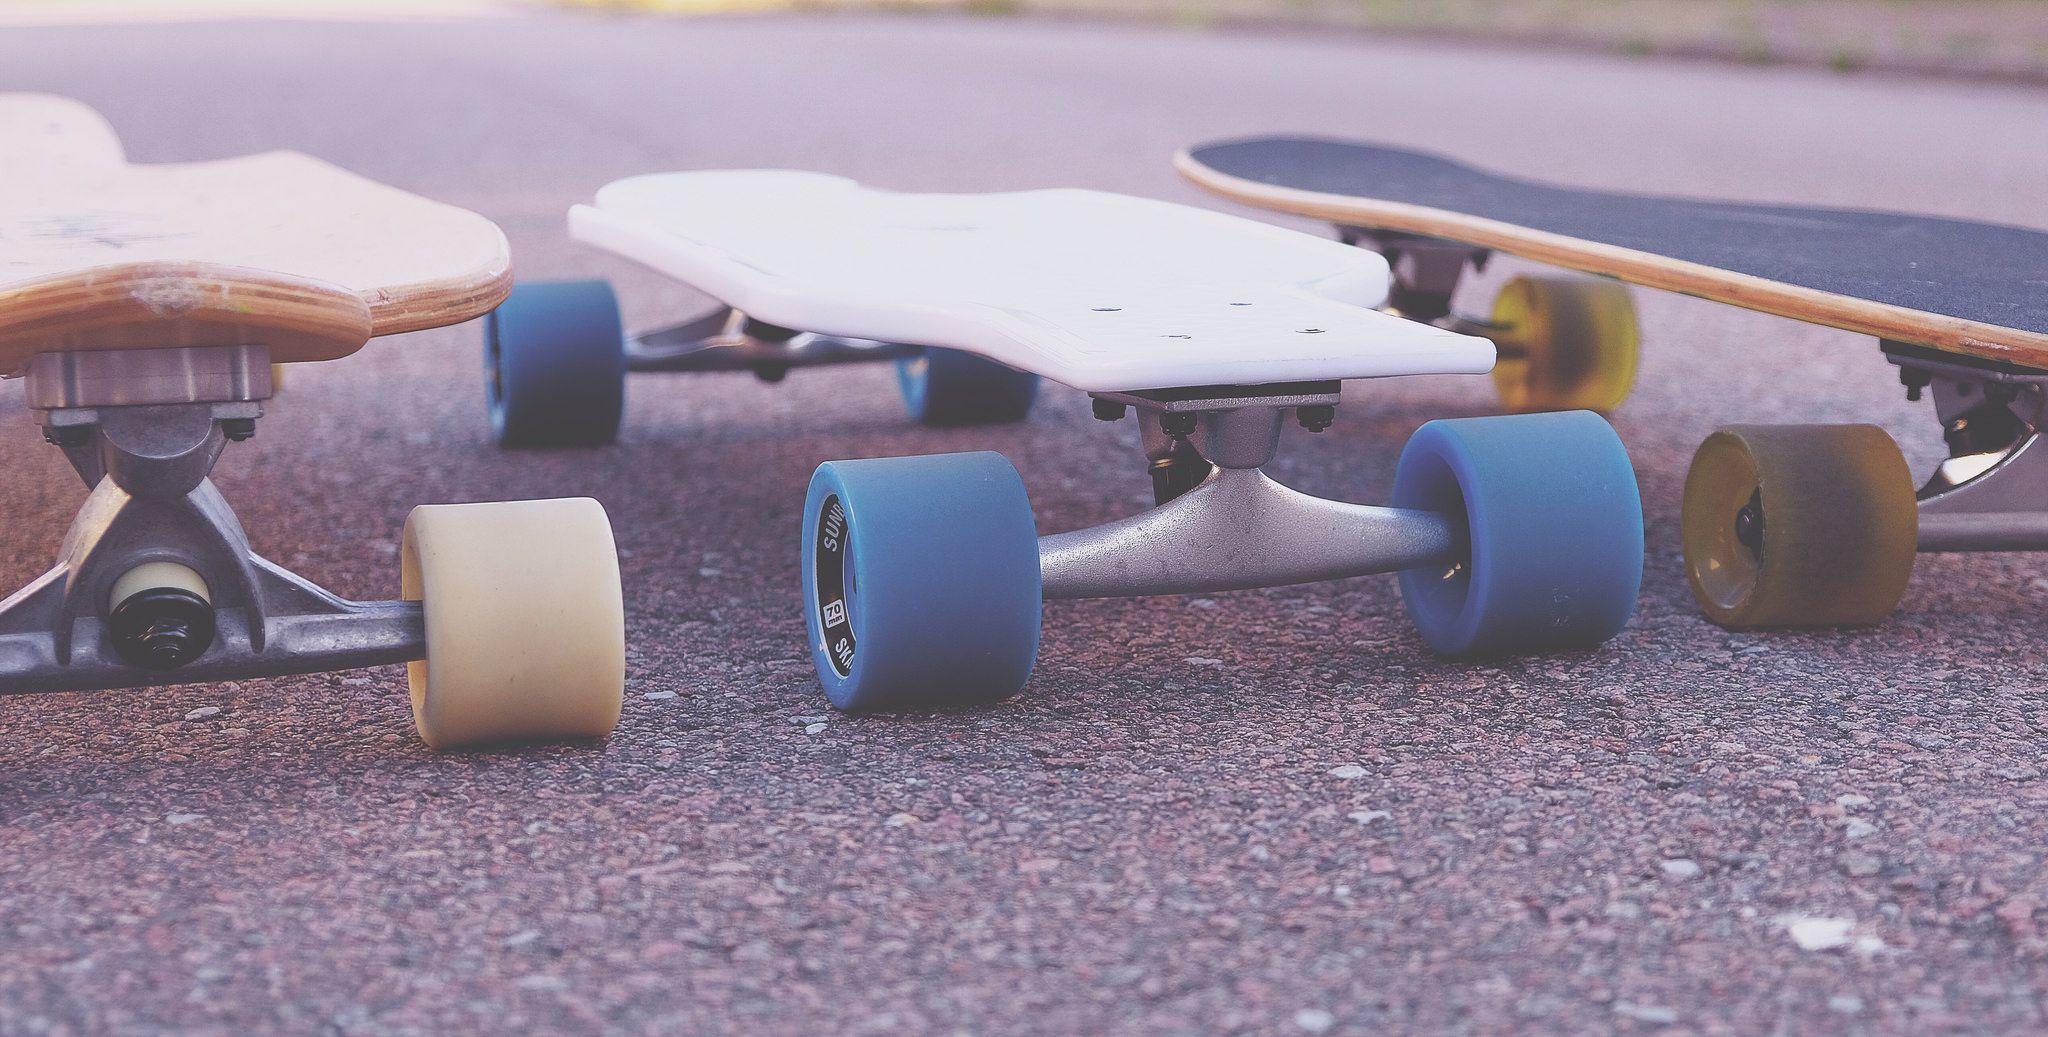 Лучшие скейтборды и лонгборды в 2020 году